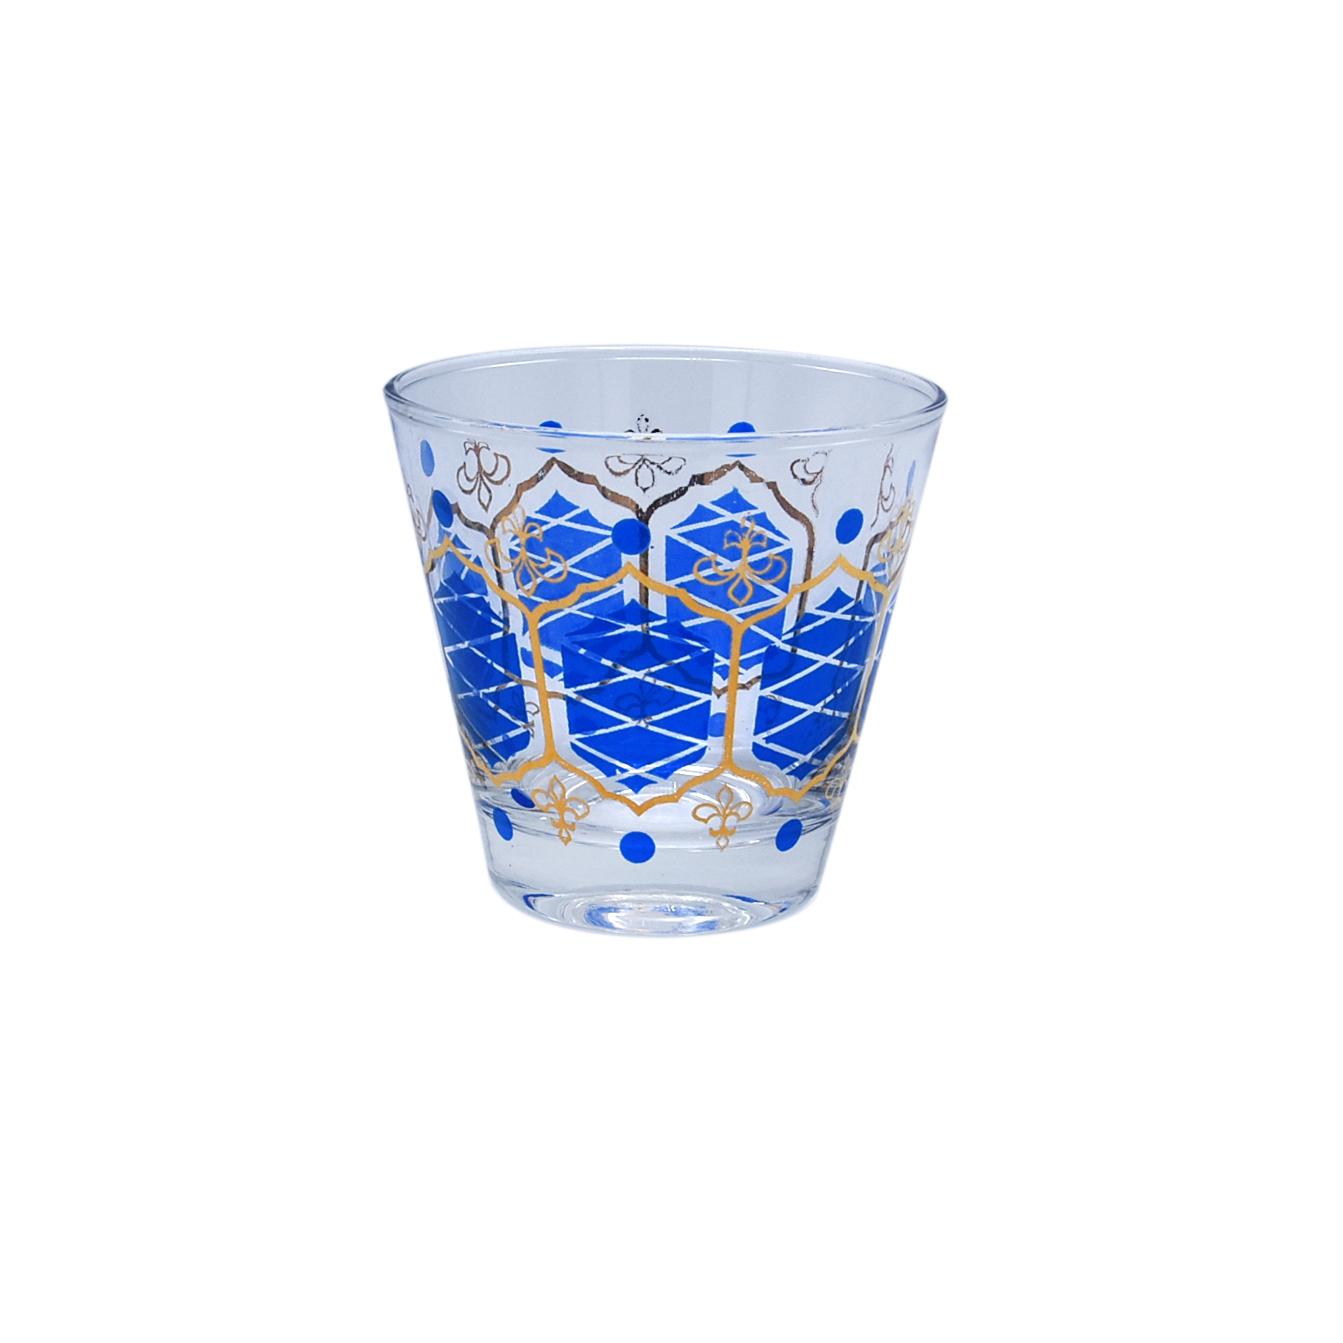 Nordic Libbey Blue & Gold Fleur de Lys Double Old Fashioned Glasses